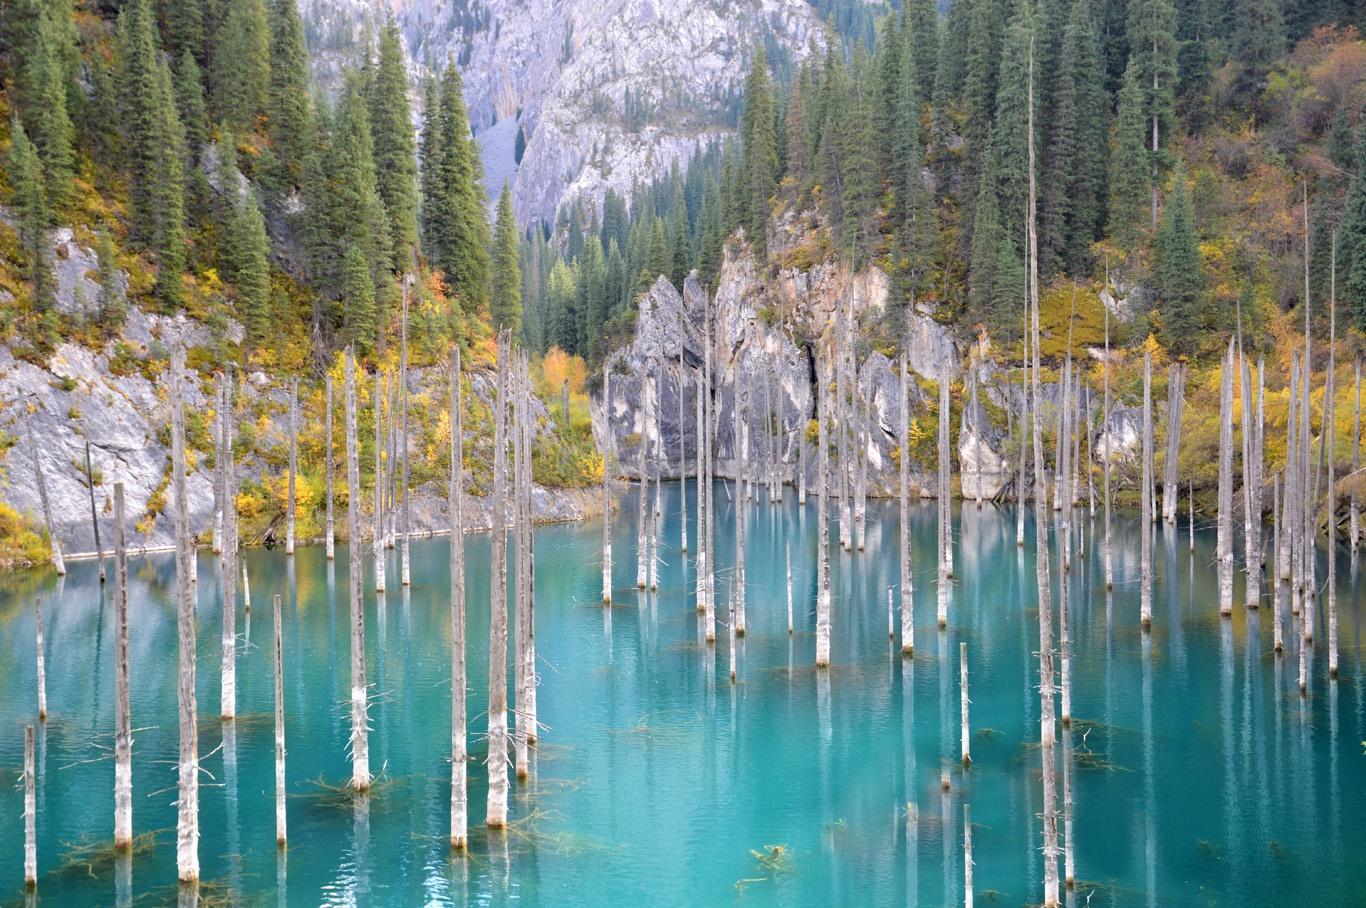 Hồ nước có rừng cây mọc ngược từ dưới đáy Ảnh 6